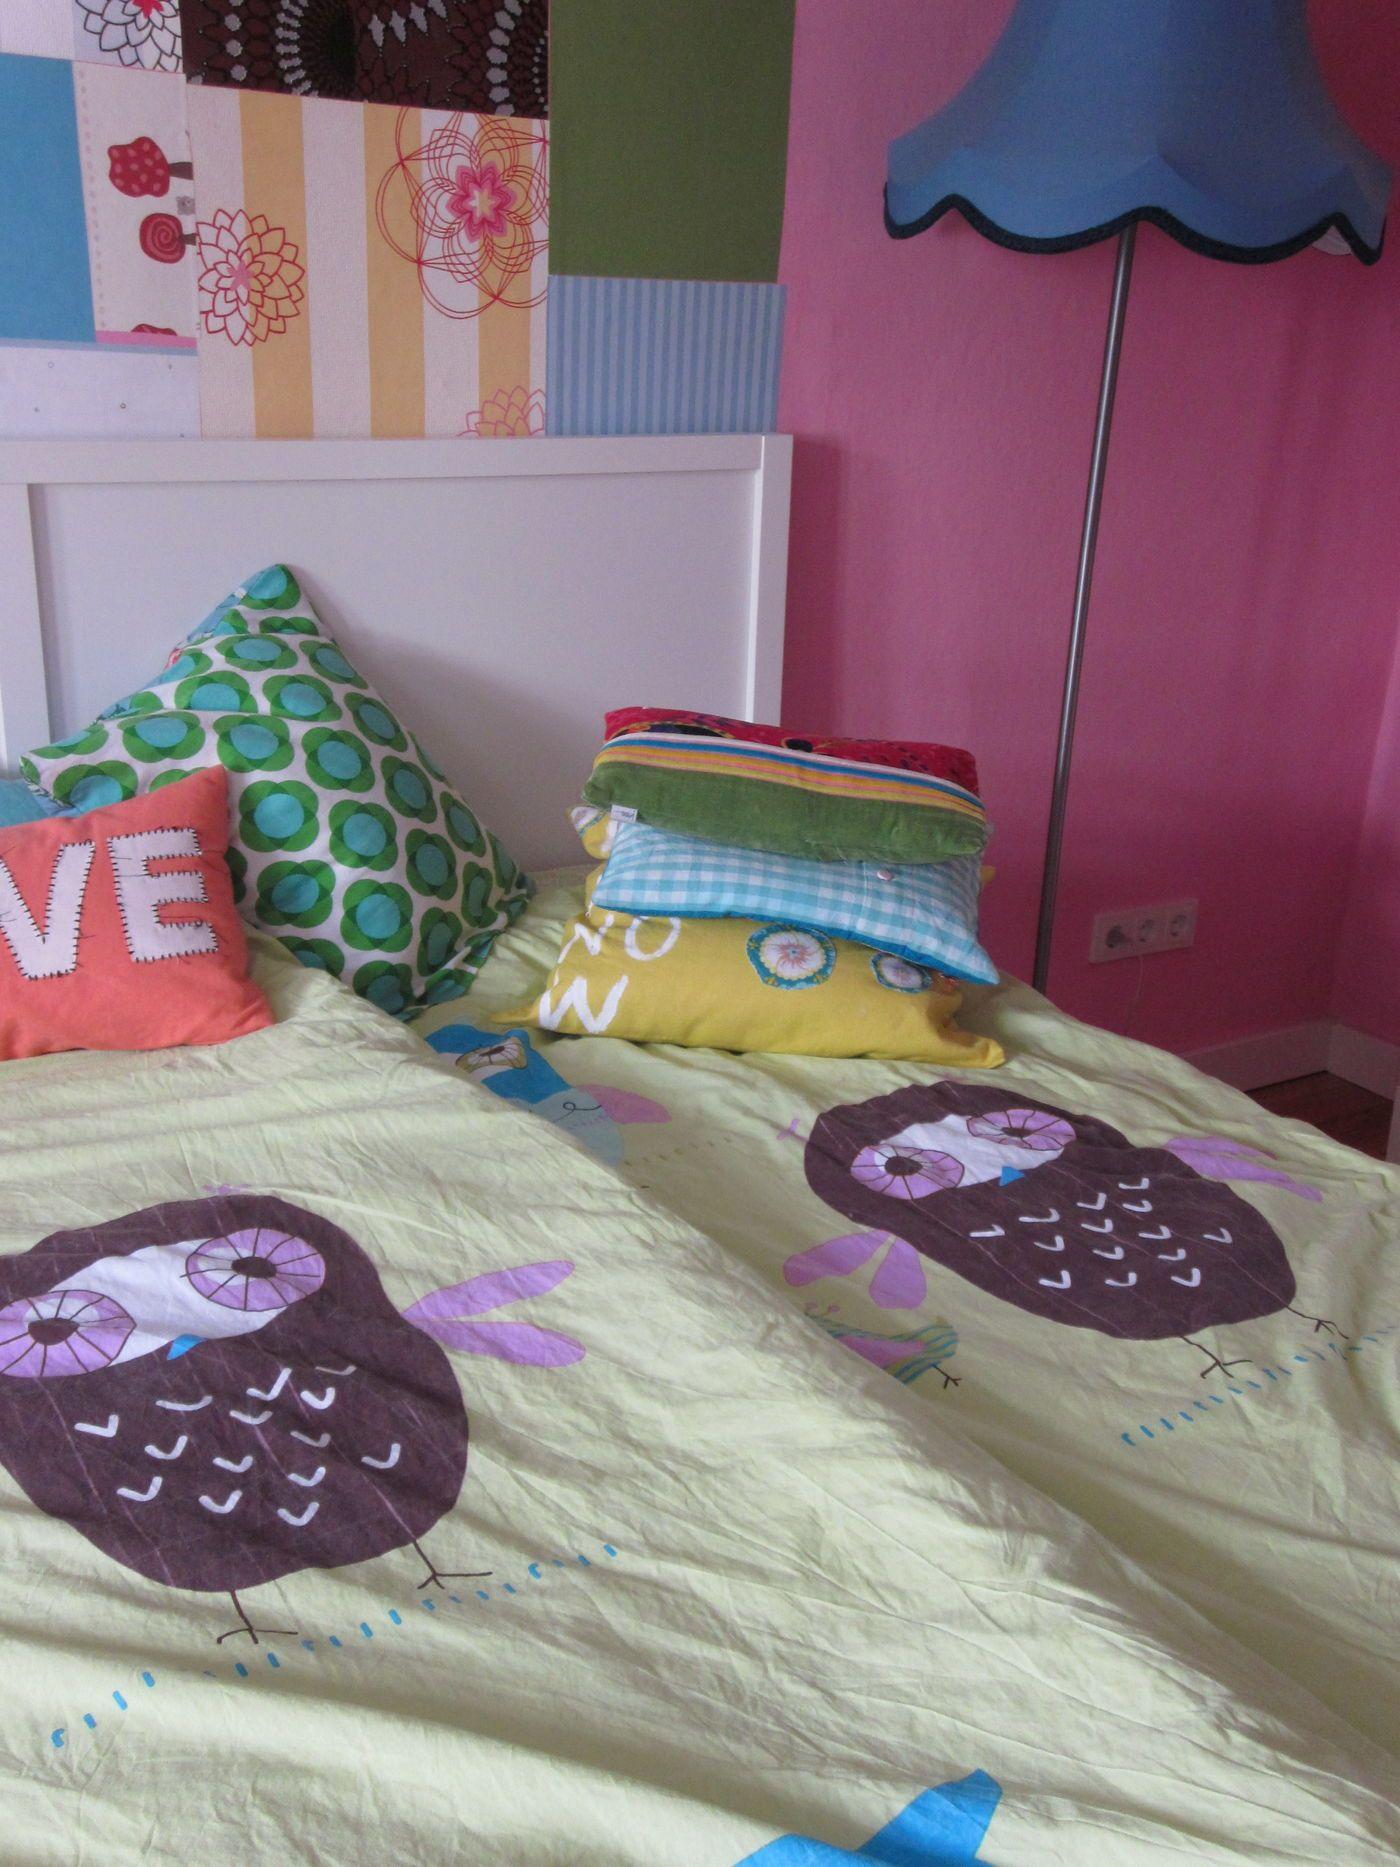 Die besten Ideen für die Wandgestaltung im Schlafzimmer - Seite 15